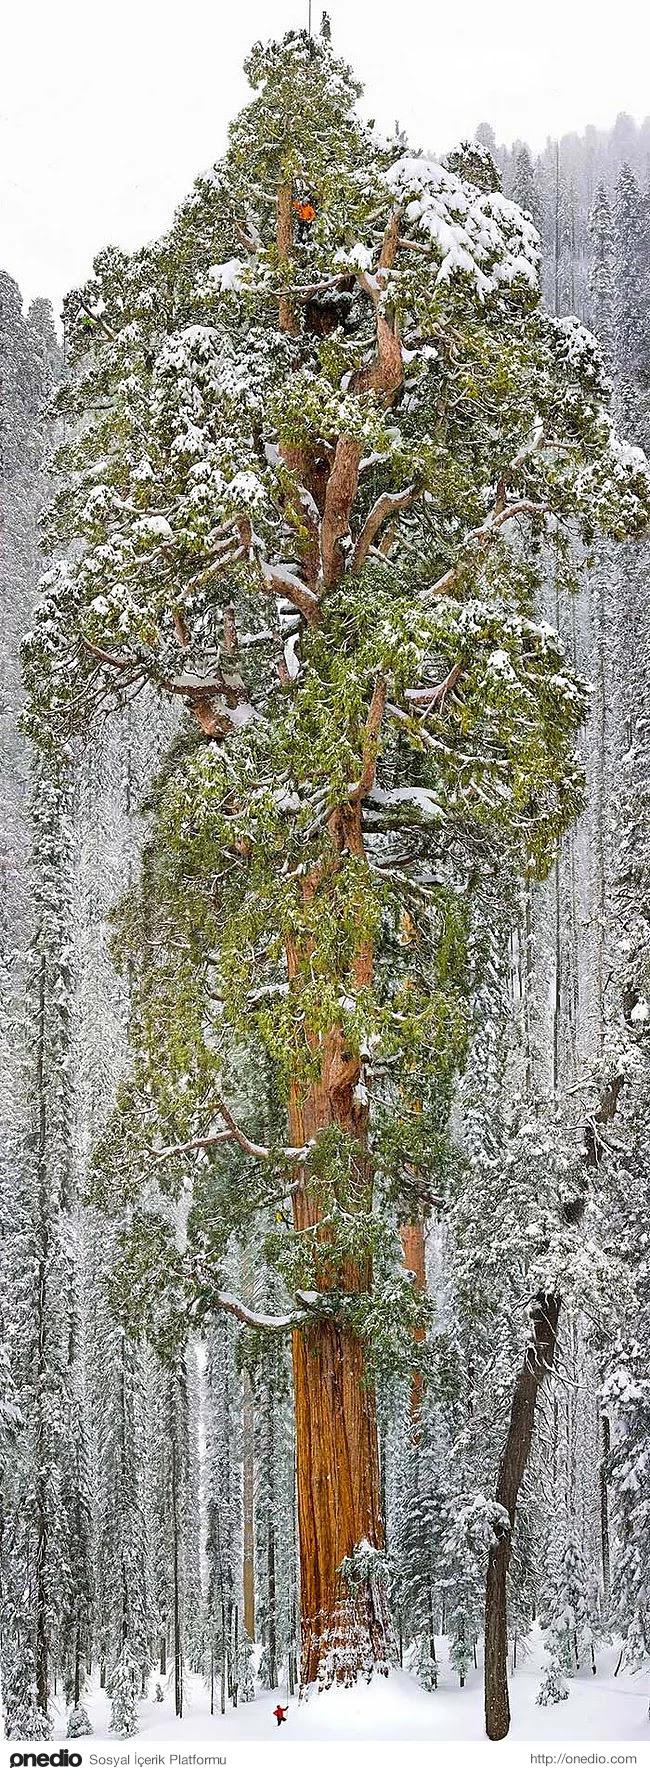 6. Dünyanın en büyük sekoya ağaçlarından biri Kaliforniya'da bulunuyor.